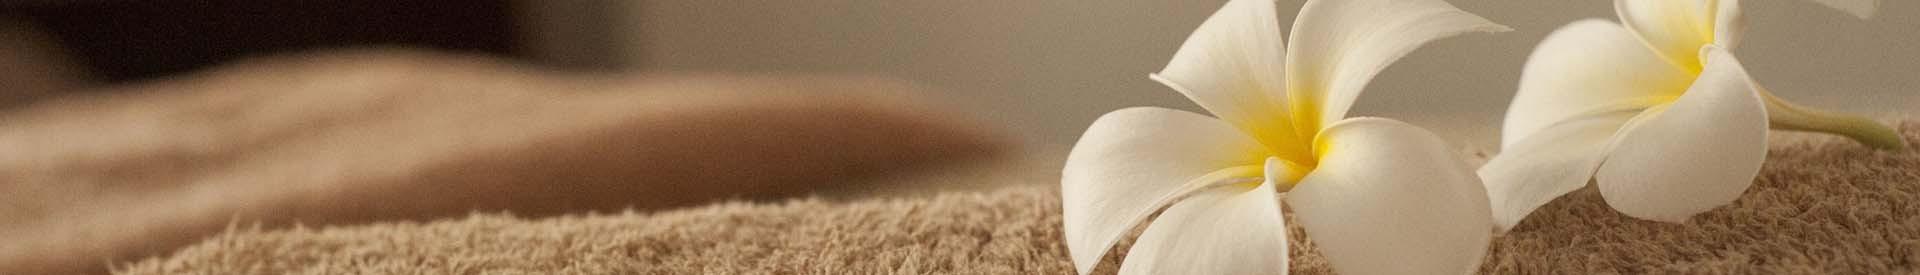 spa-remise-en-forme-bien-etre-massage-st-brevin-loire-atlantique-ccse-307